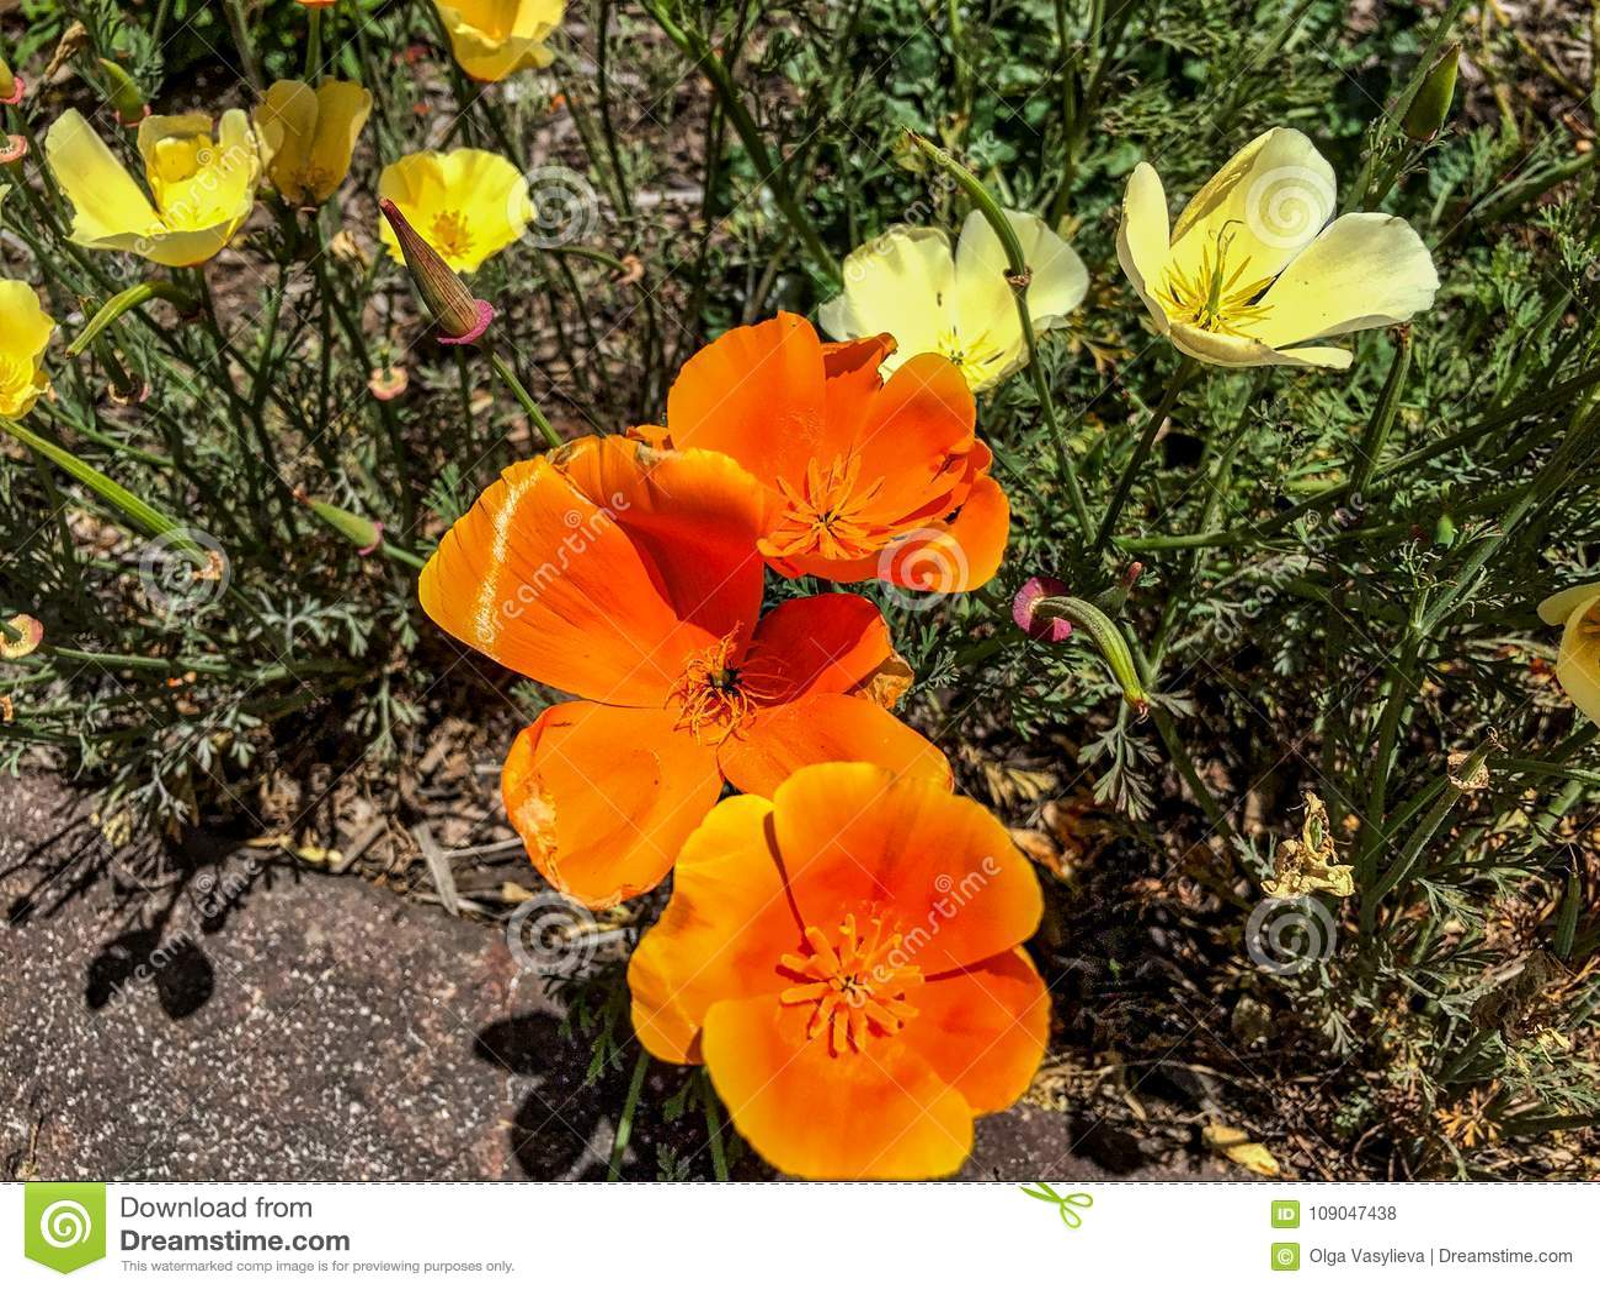 η χρυσή του λουλούβιλ χρονολόγηση τοποθεσίας Self Σύνοψη βοήθεια